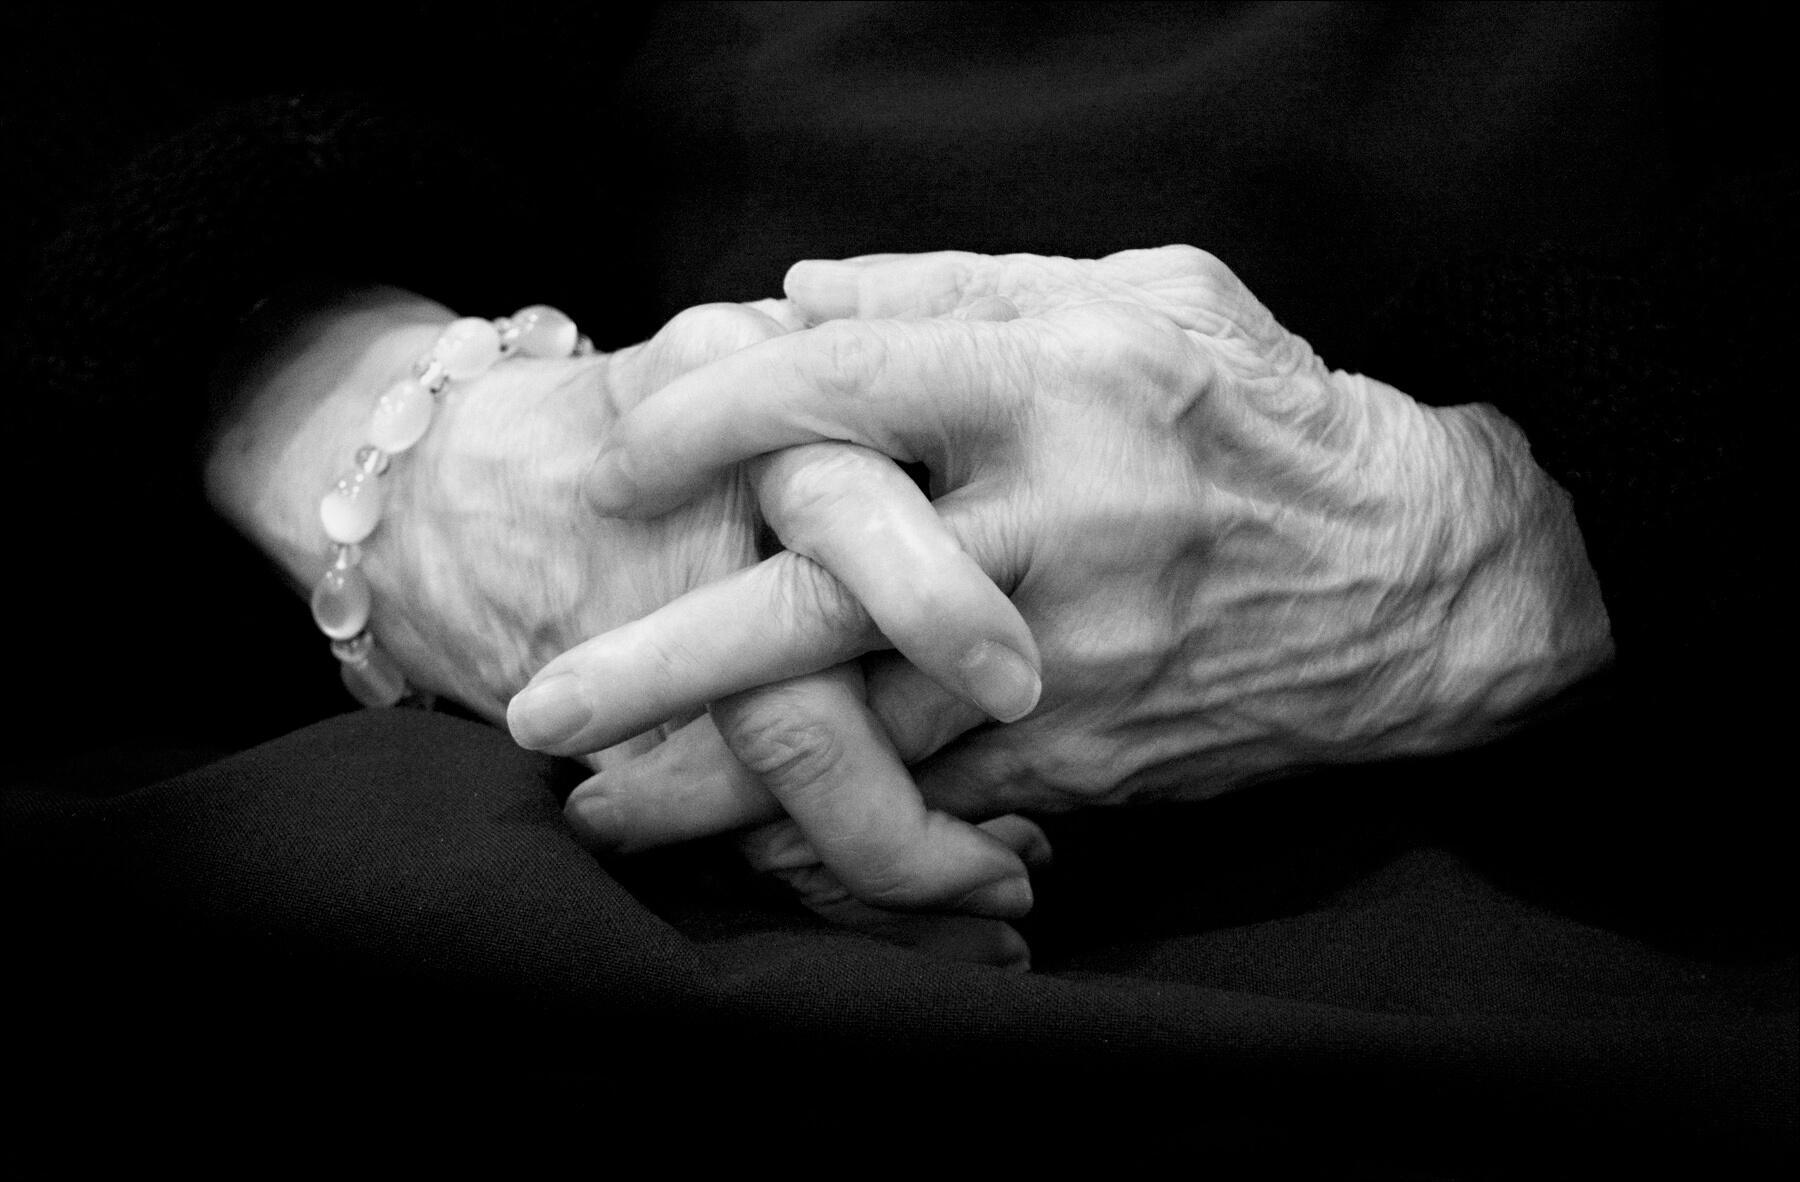 Mi Abuela Murió De Alzheimer Un Testimonio Desgarrador Blog